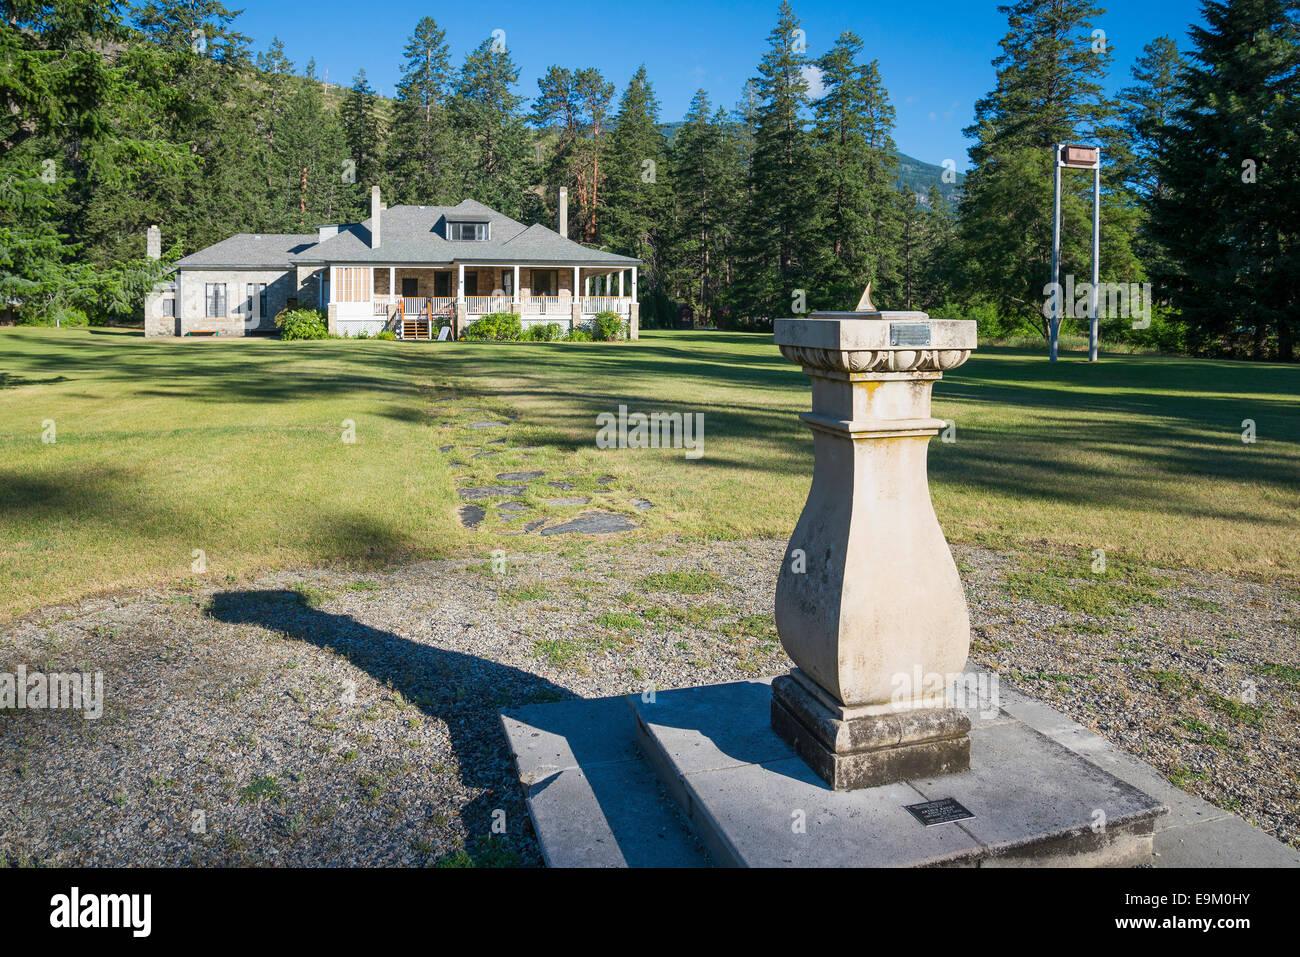 Fintry storico maniero e solare, Fintry Parco Provinciale, Okanagan Valley, British Columbia, Canada Immagini Stock